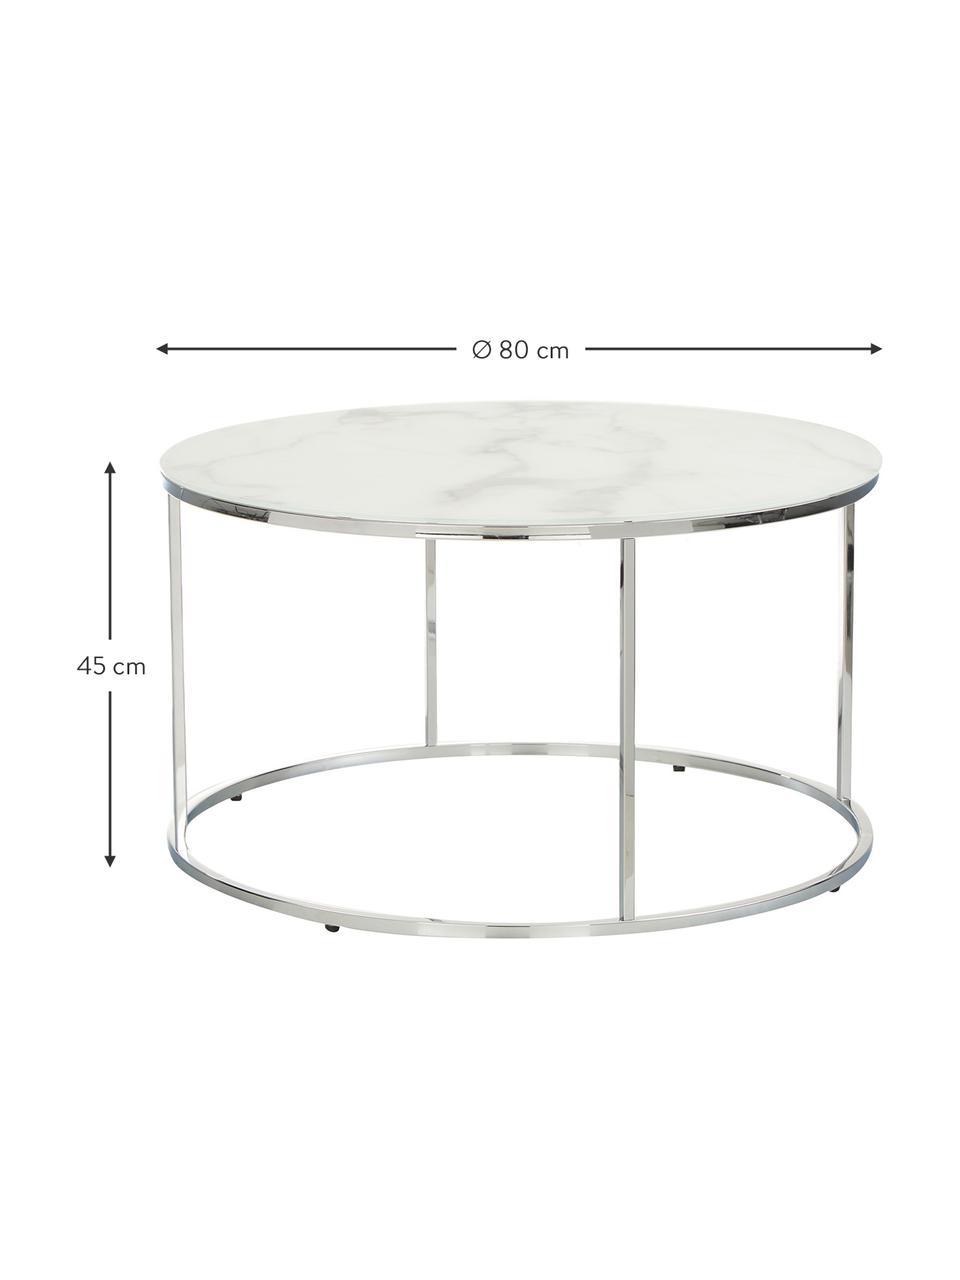 Salontafel Antigua met glazen tafelblad met marmerlook, Tafelblad: glas, mat bedrukt, Frame: staal, verchroomd, Wit-grijs gemarmerd, zilverkleurig, Ø 80 x H 45 cm